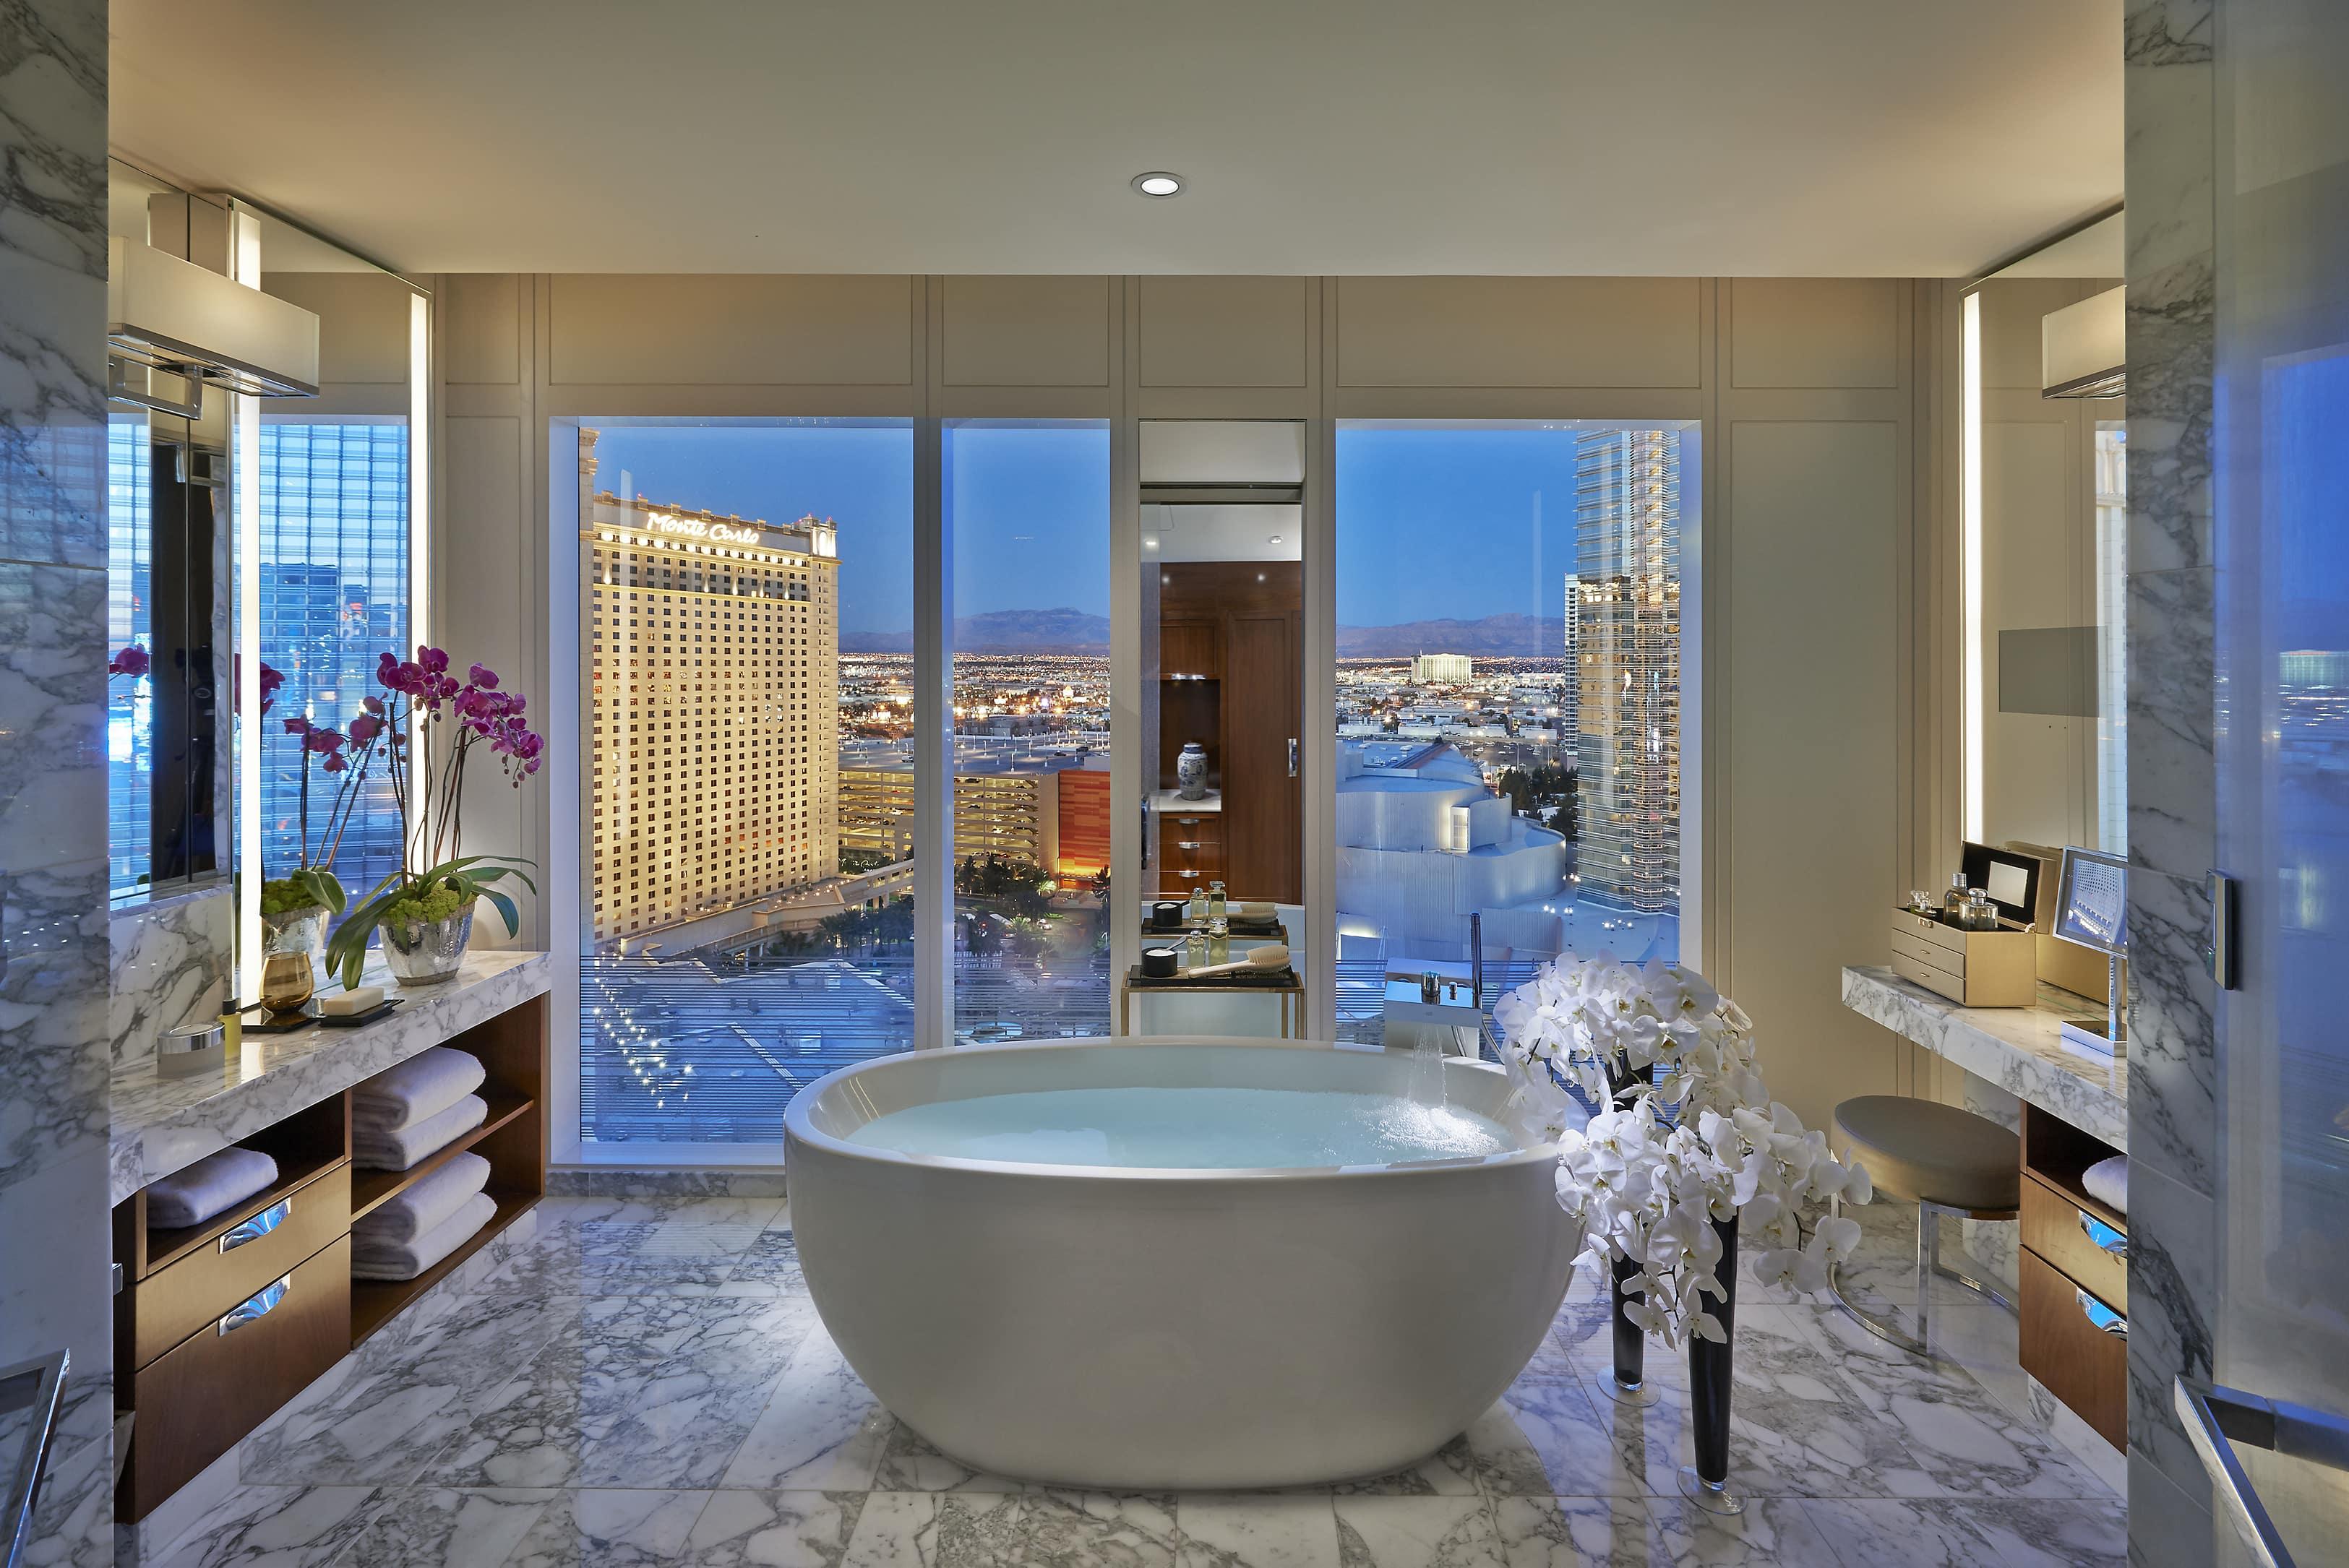 Galerie de photos de l'hôtel de Las Vegas | Hôtel Mandarin ...